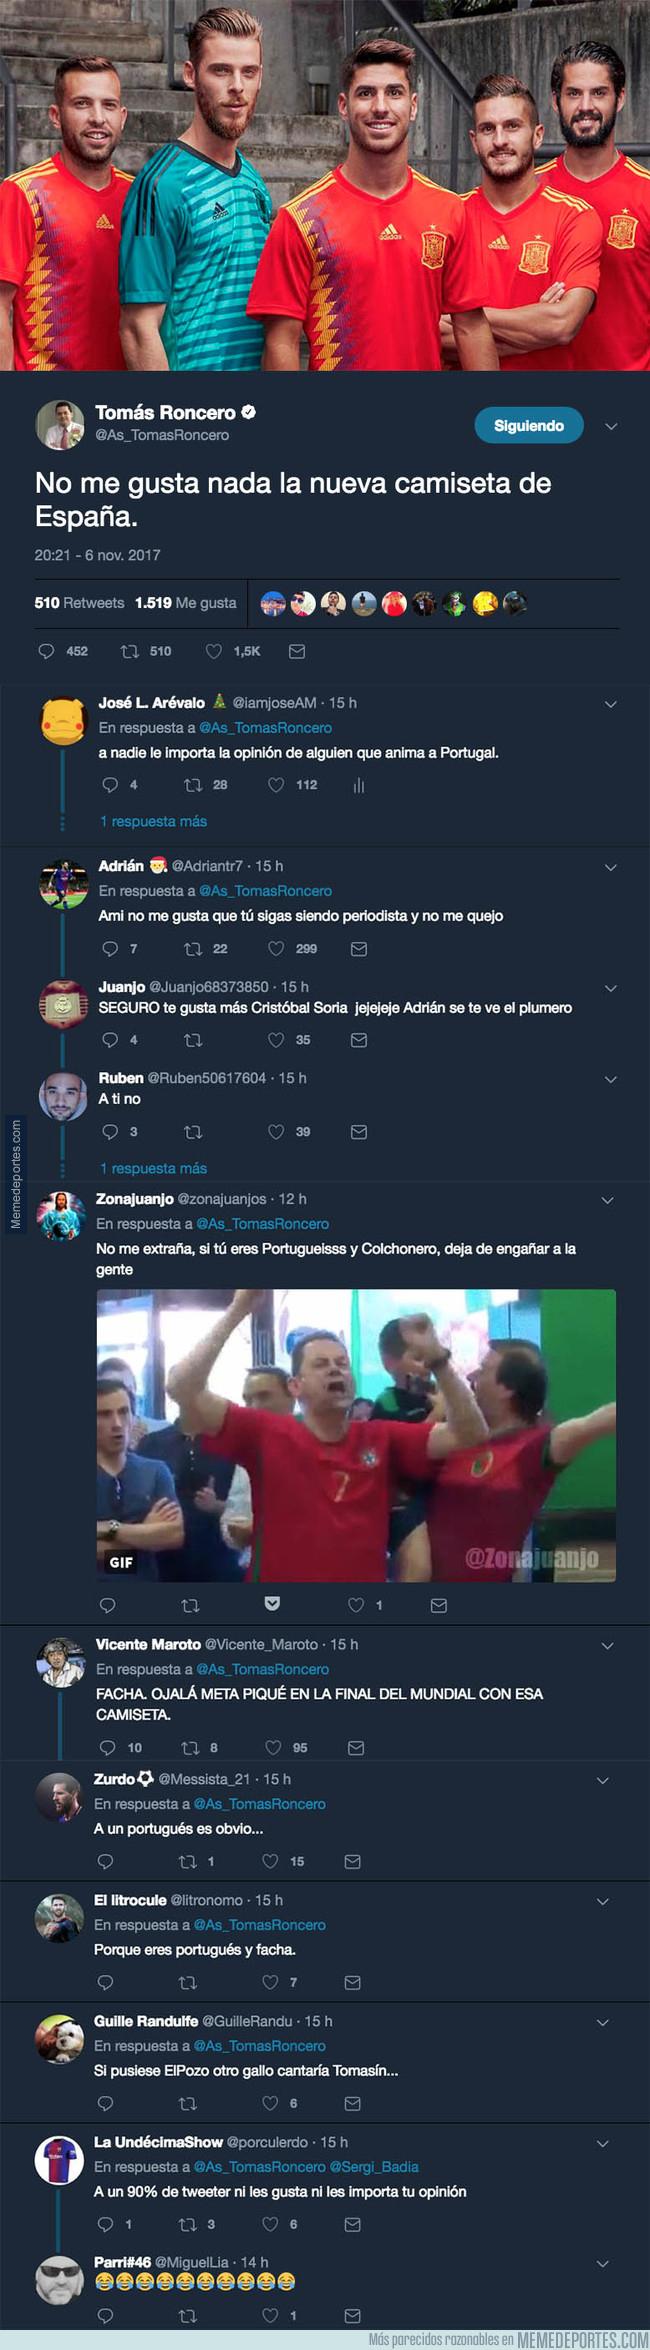 1006991 - Tomás Roncero carga contra la camiseta 'republicana' de la selección española y se echa Twitter encima